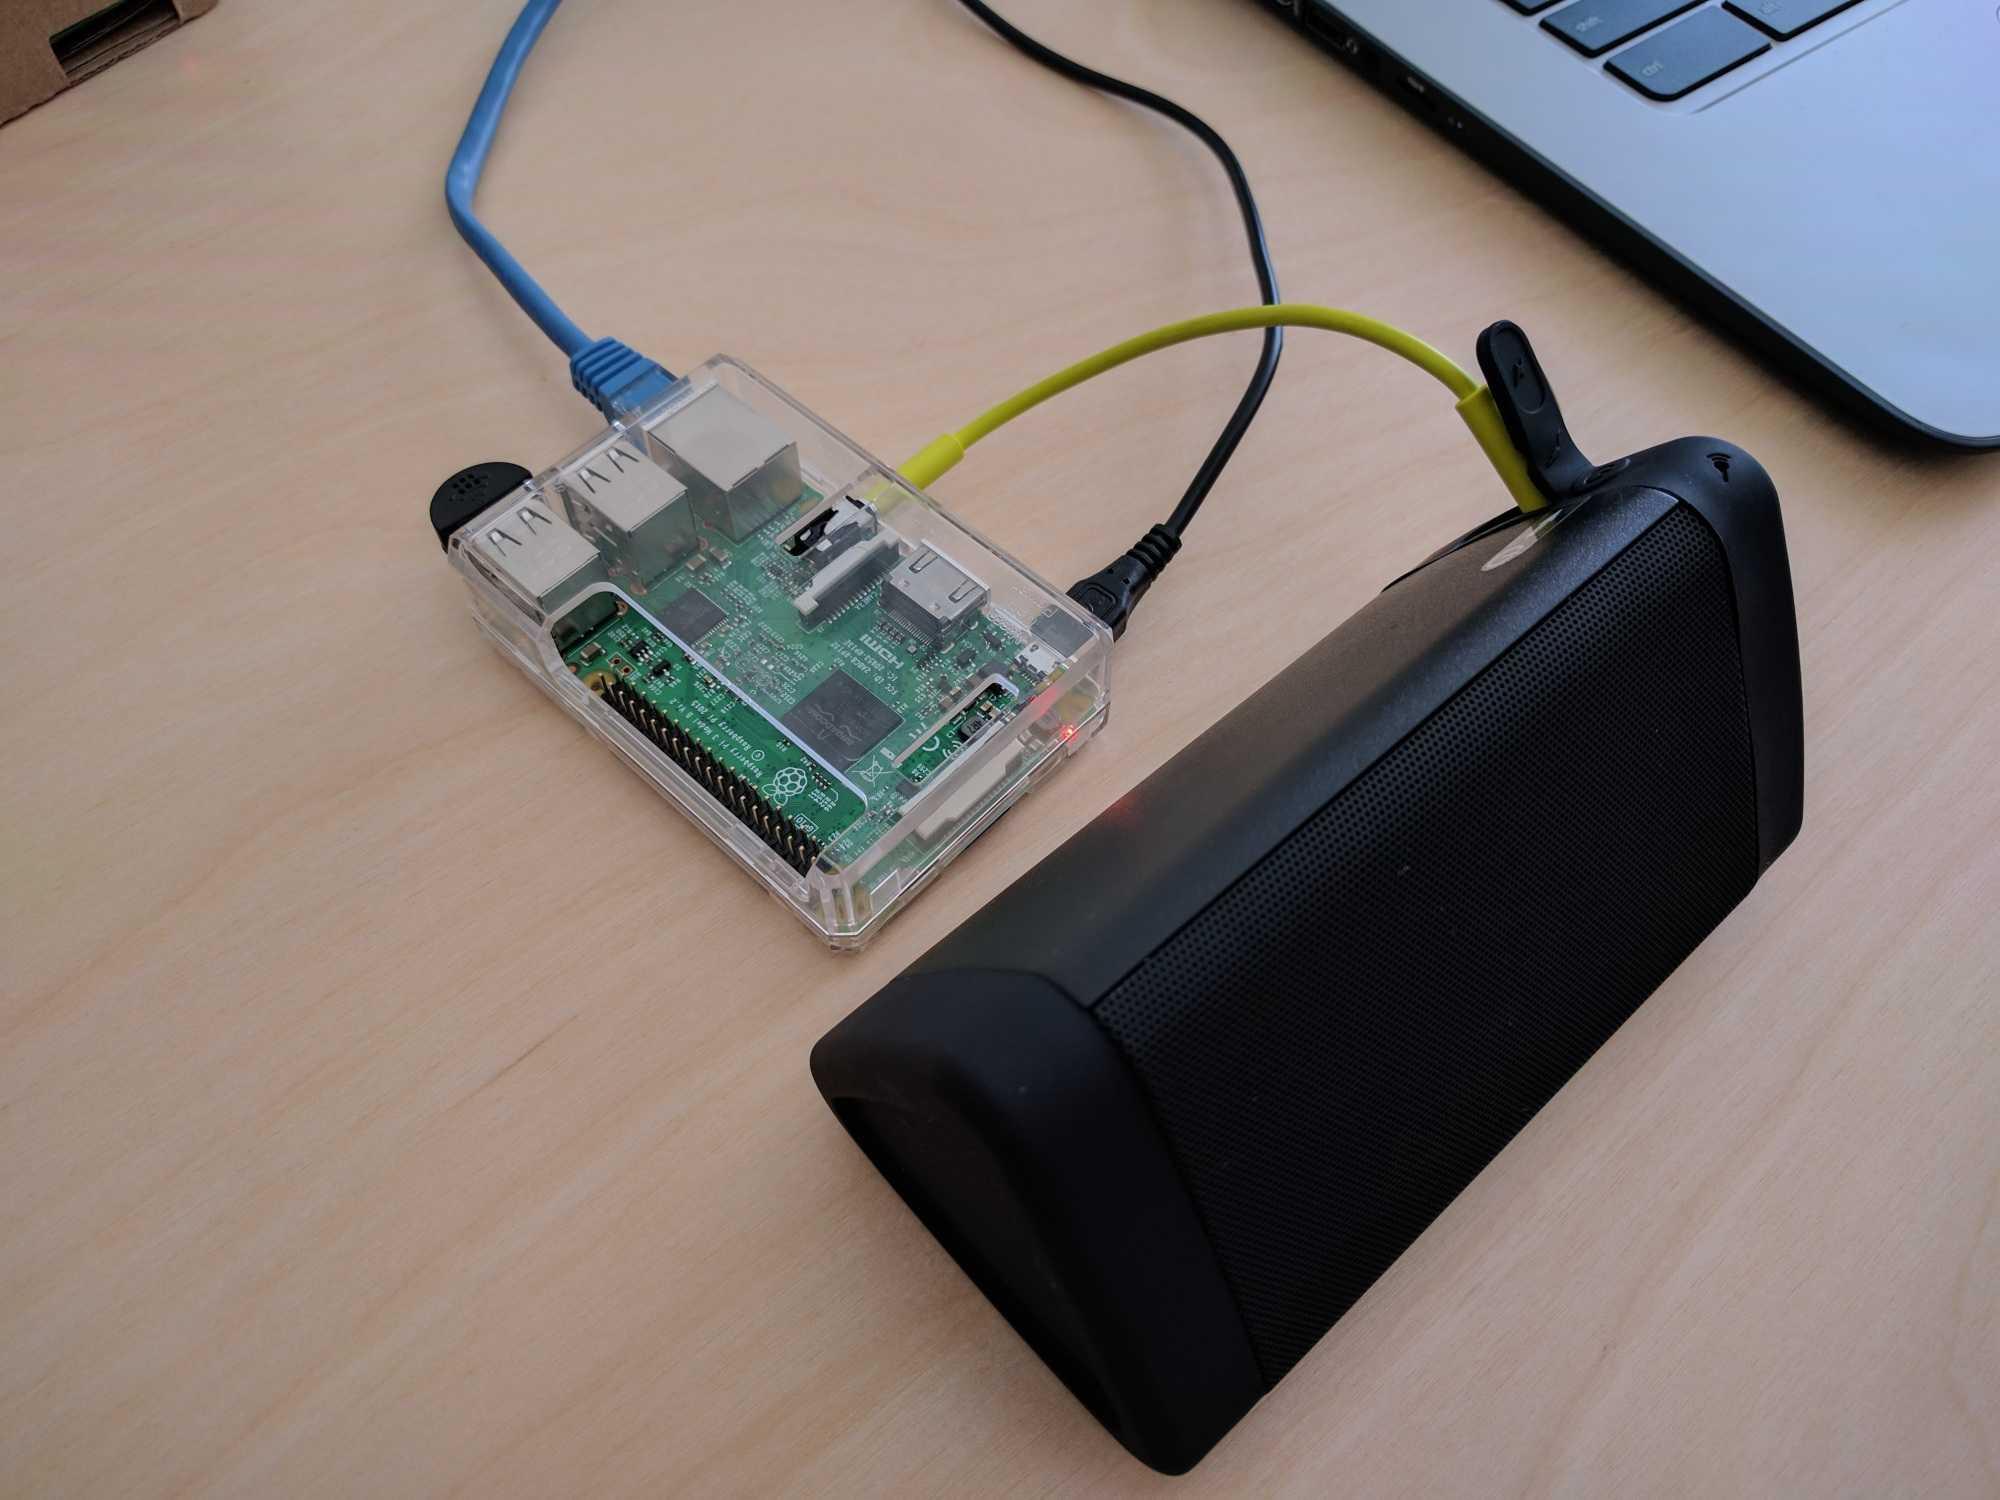 Sieht nicht so aus, doch der Raspi mit angeschlossenem Lautsprecher ist dank Assistant SDK ein anpassbare Selbstbauvariante von Google Home.